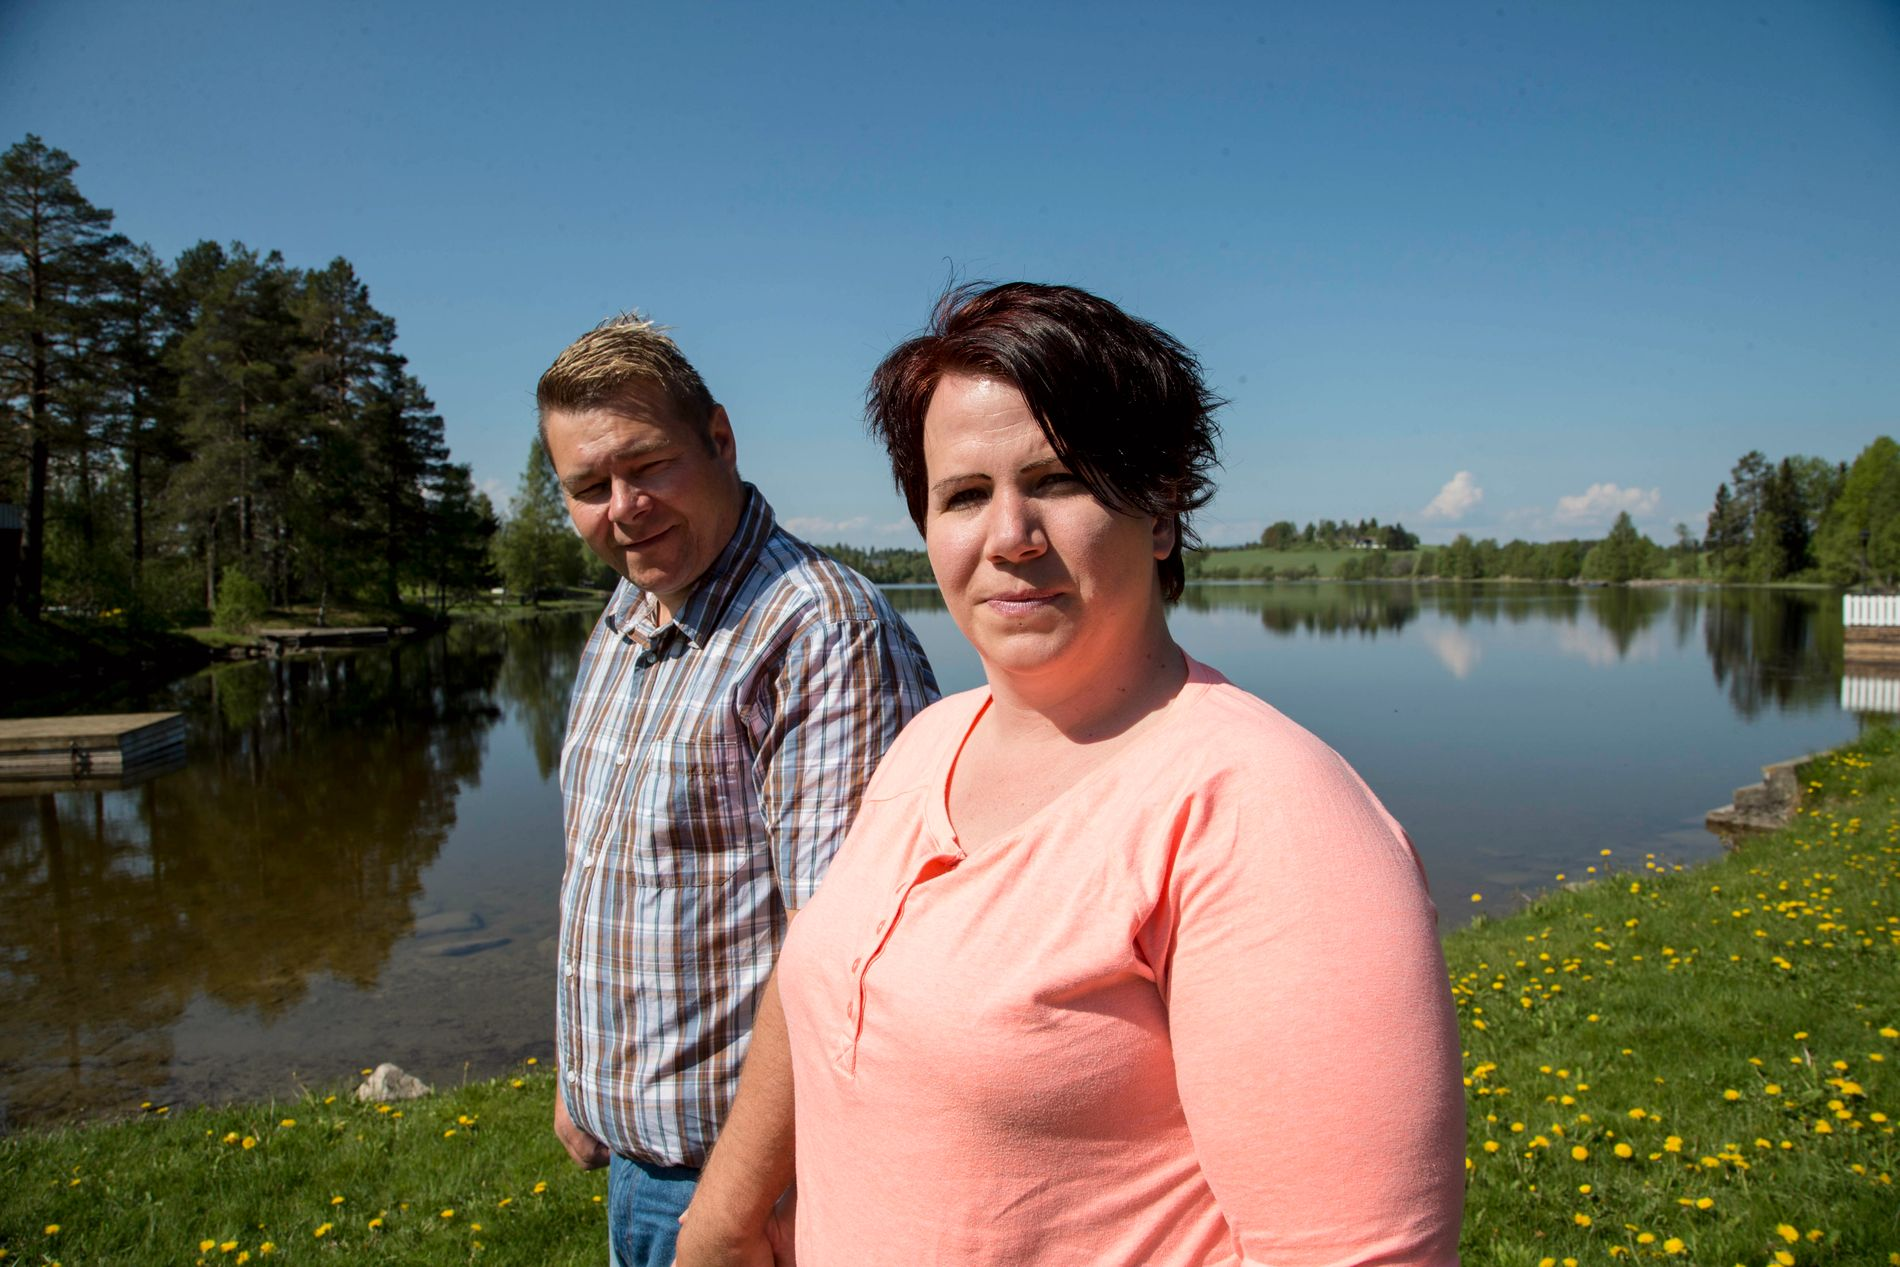 TAPTE ERSTATNINGSSAK: Jane Camilla Frydenlund (32) sier hun ville forlangt dommeren fjernet om hun visste at han var Gjensidige-aksjonær. Her er hun sammen med ektemannen Jan Olav Frydenlund.